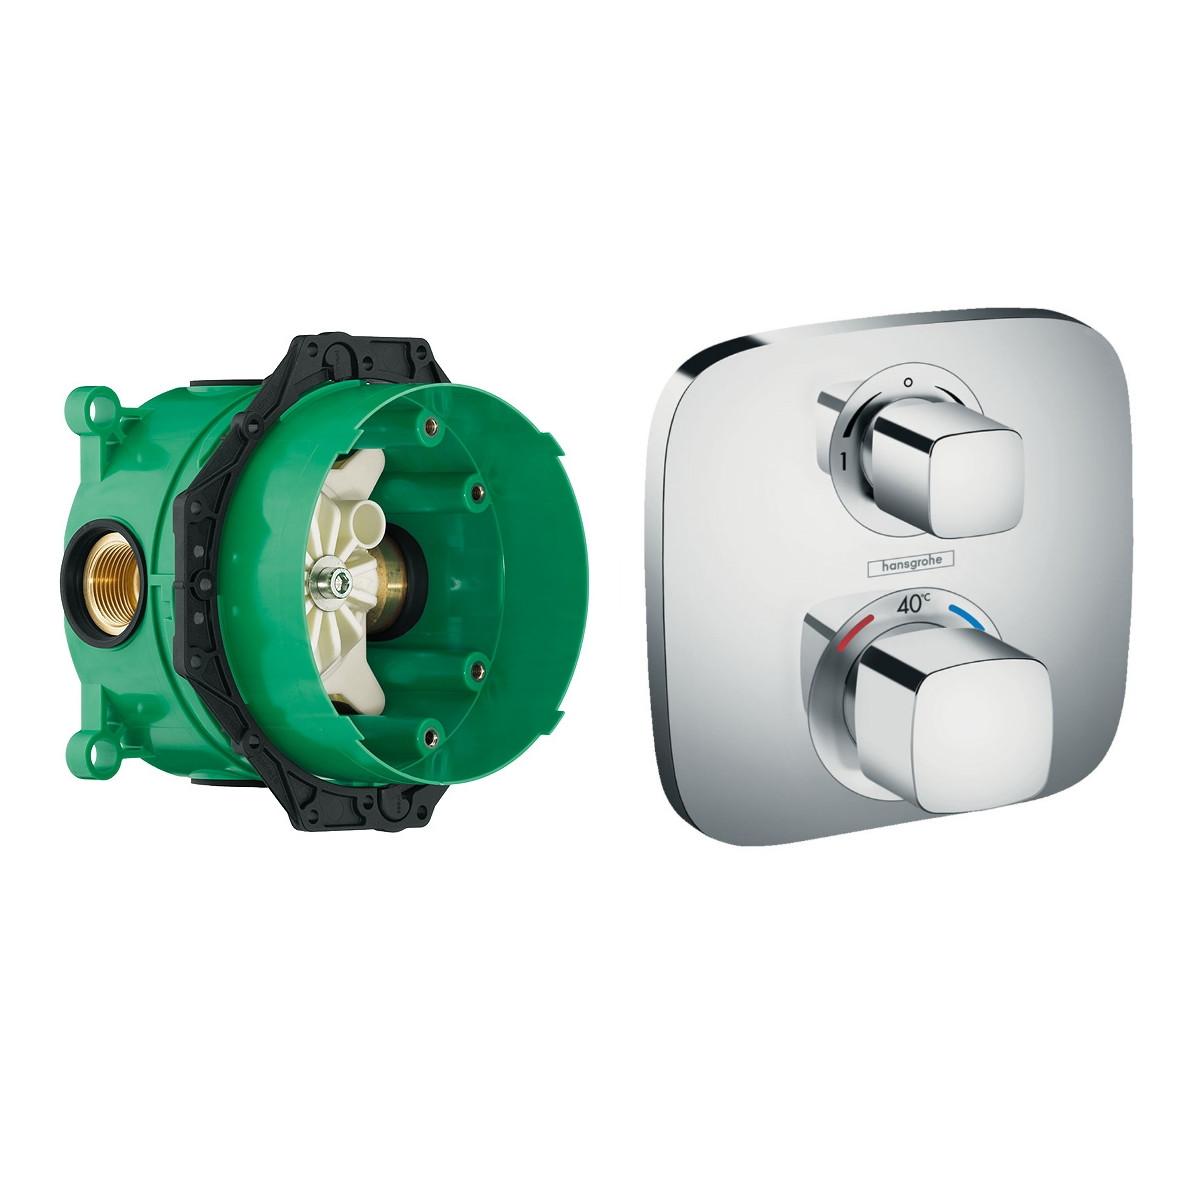 ECOSTAT E термостат с запорным/переключающим вентилем + IBOX universal скрытая часть для смесителя (в подарок)